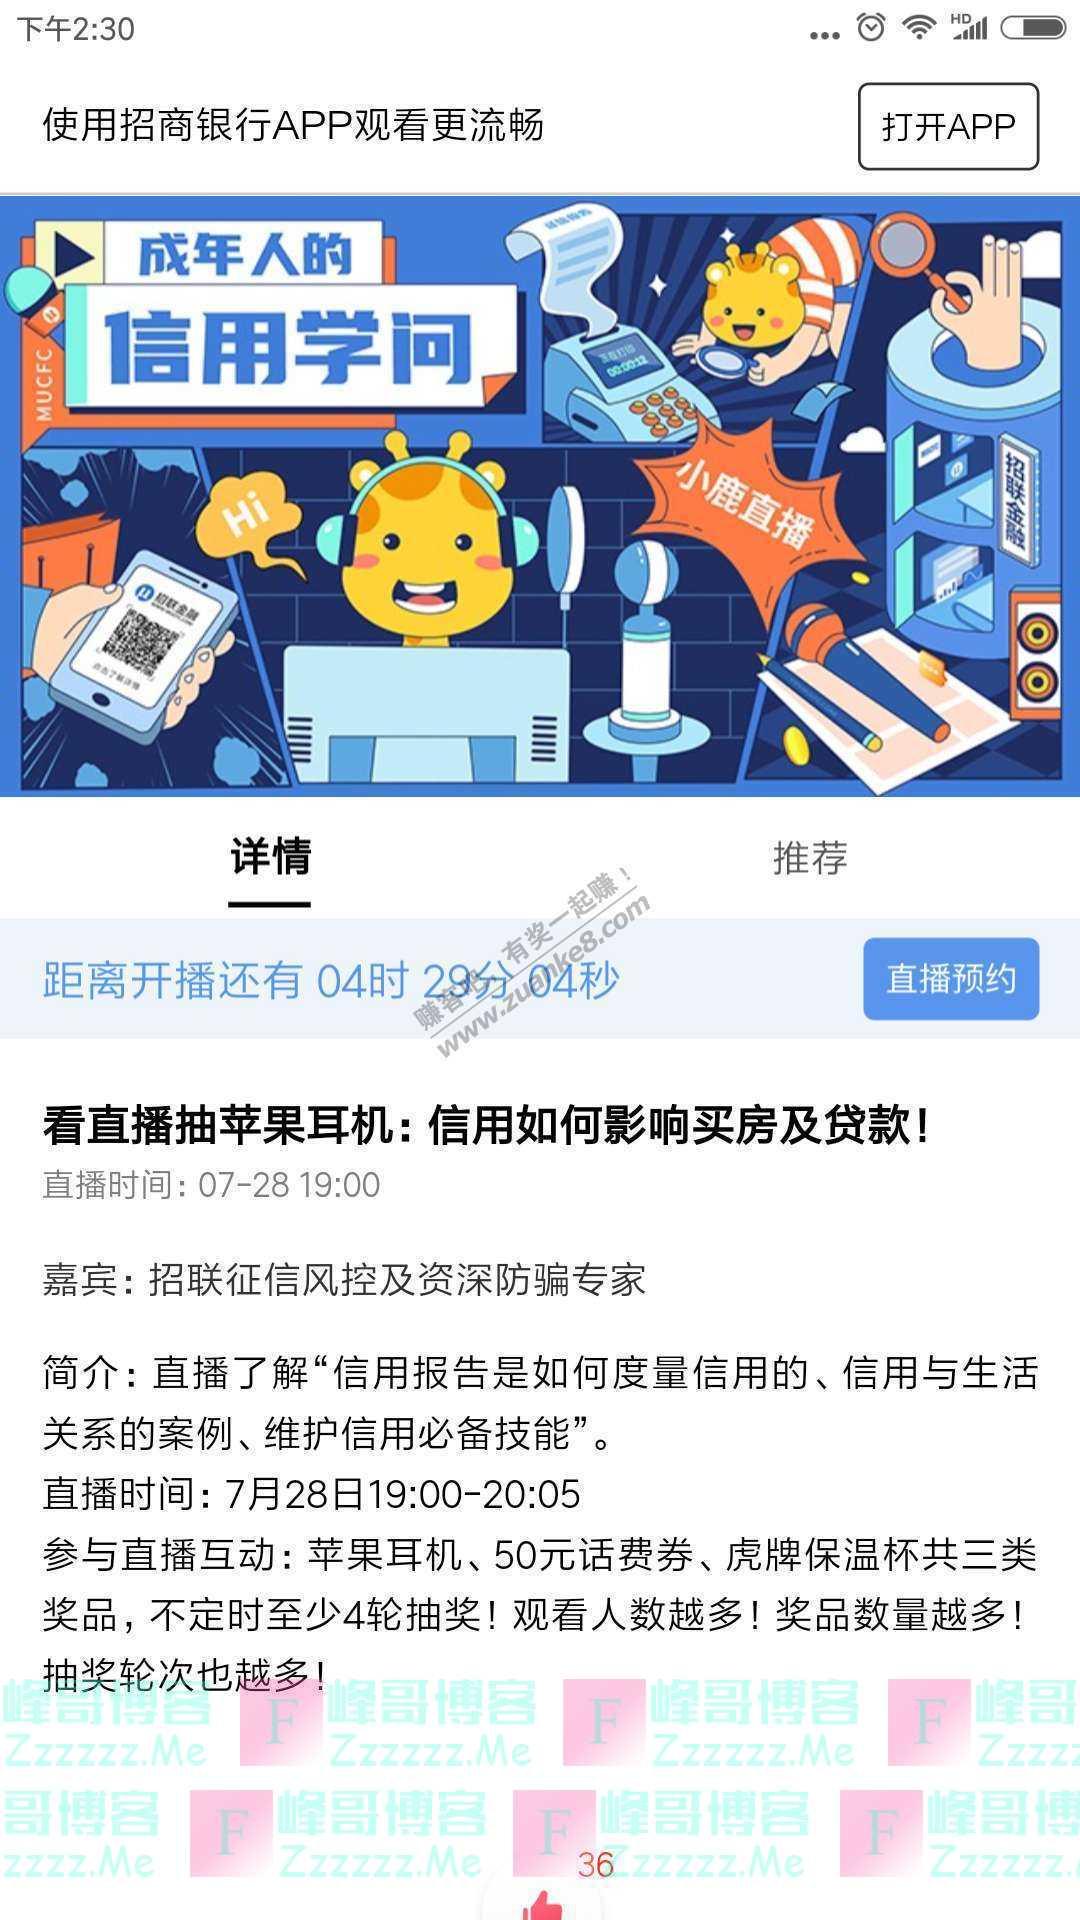 招商银行app看直播抽苹果耳机(截止7月28日)